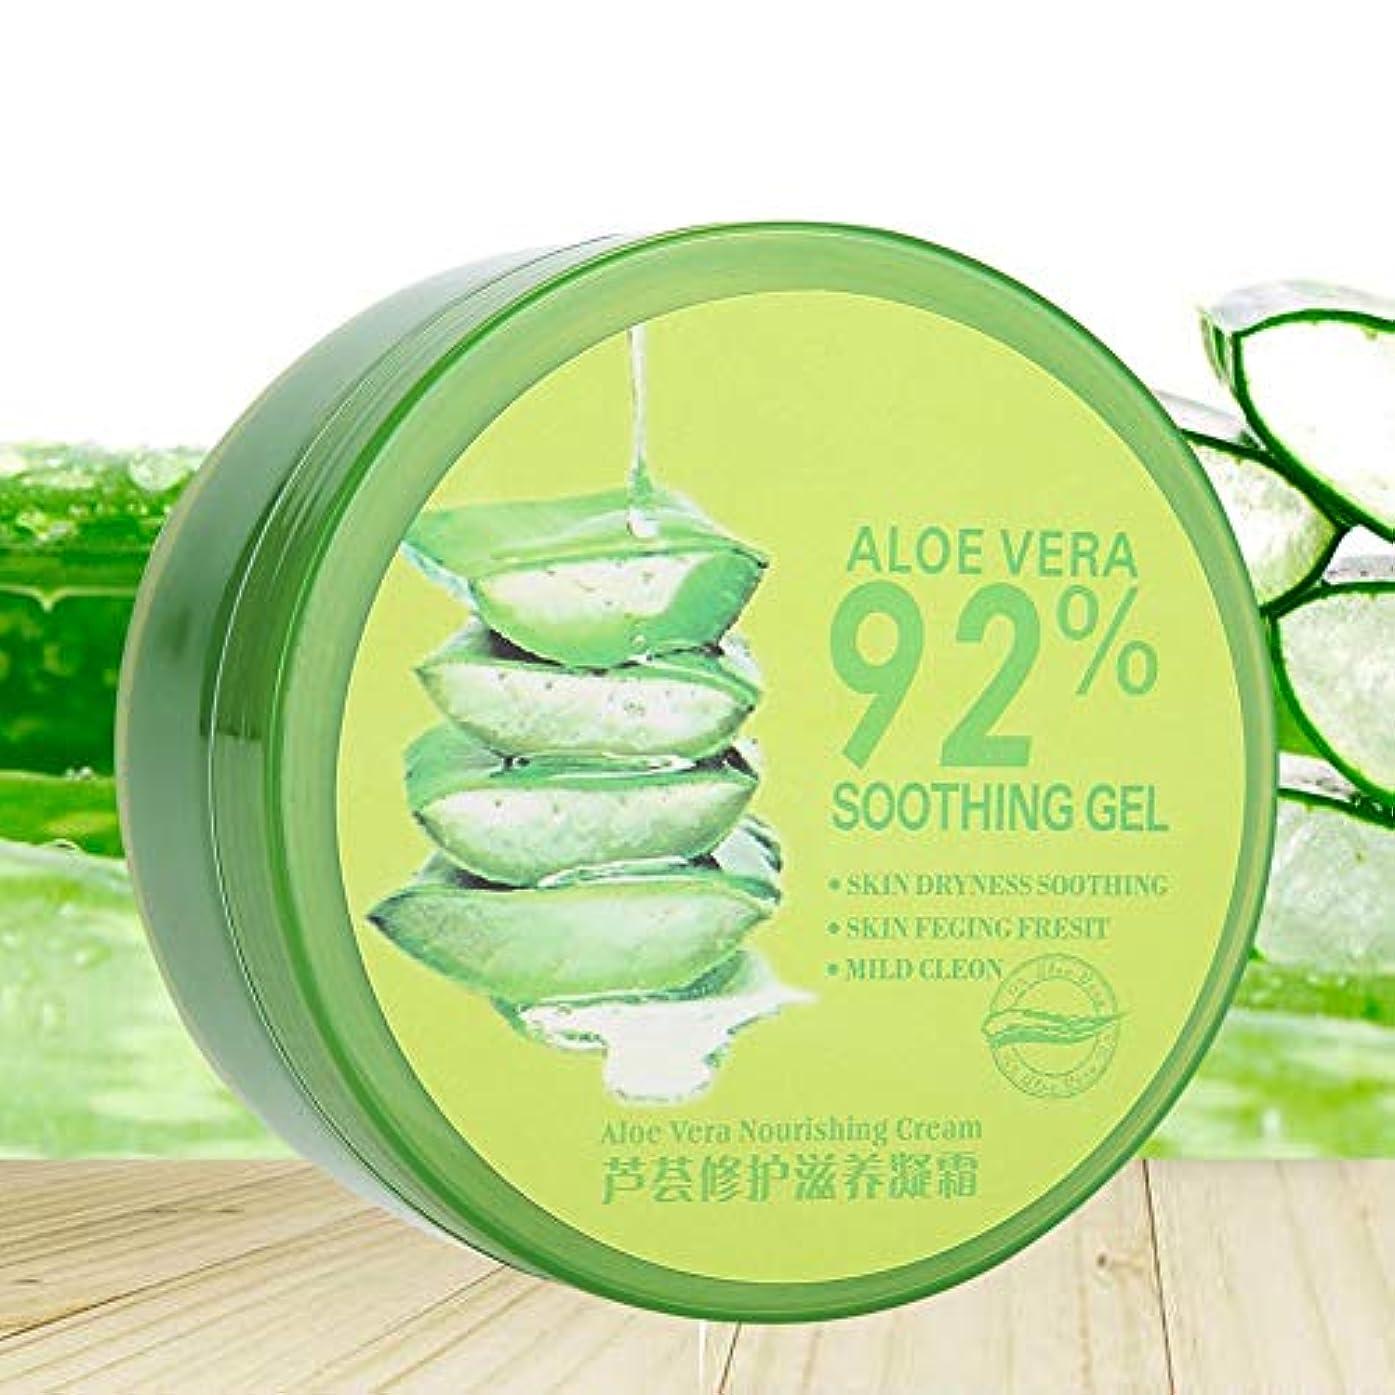 つかいますご意見誇張する保湿アロエベラジェル、ナチュラルハイドレイティング保湿栄養アロエベラジェルにきび治療美容スキンケアクリームスリーピングクリーム